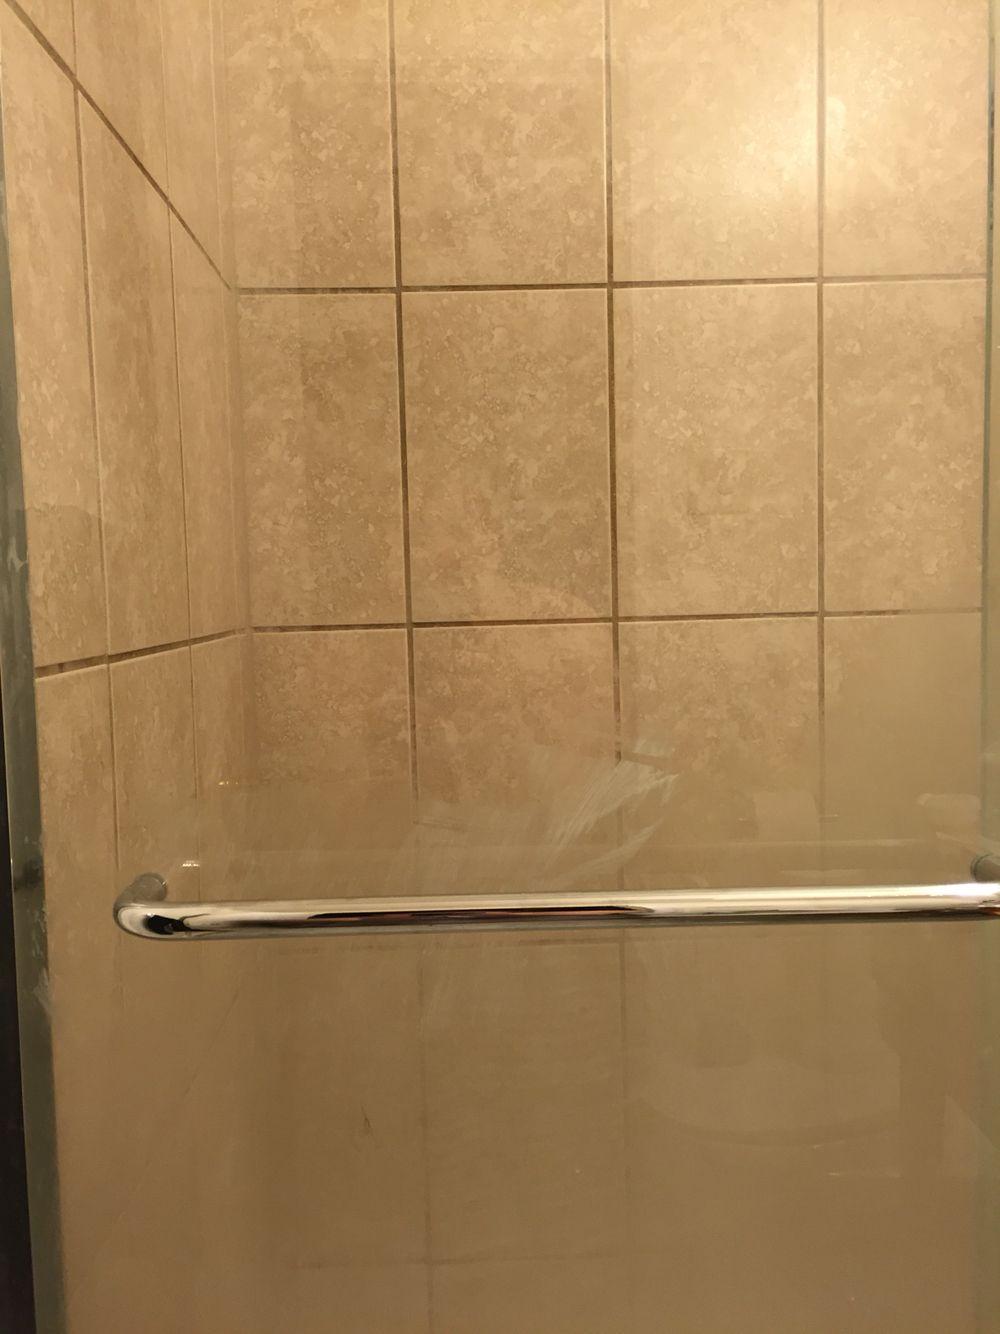 Im Ignoring My Embarrassment About How Gross My Shower Door Was